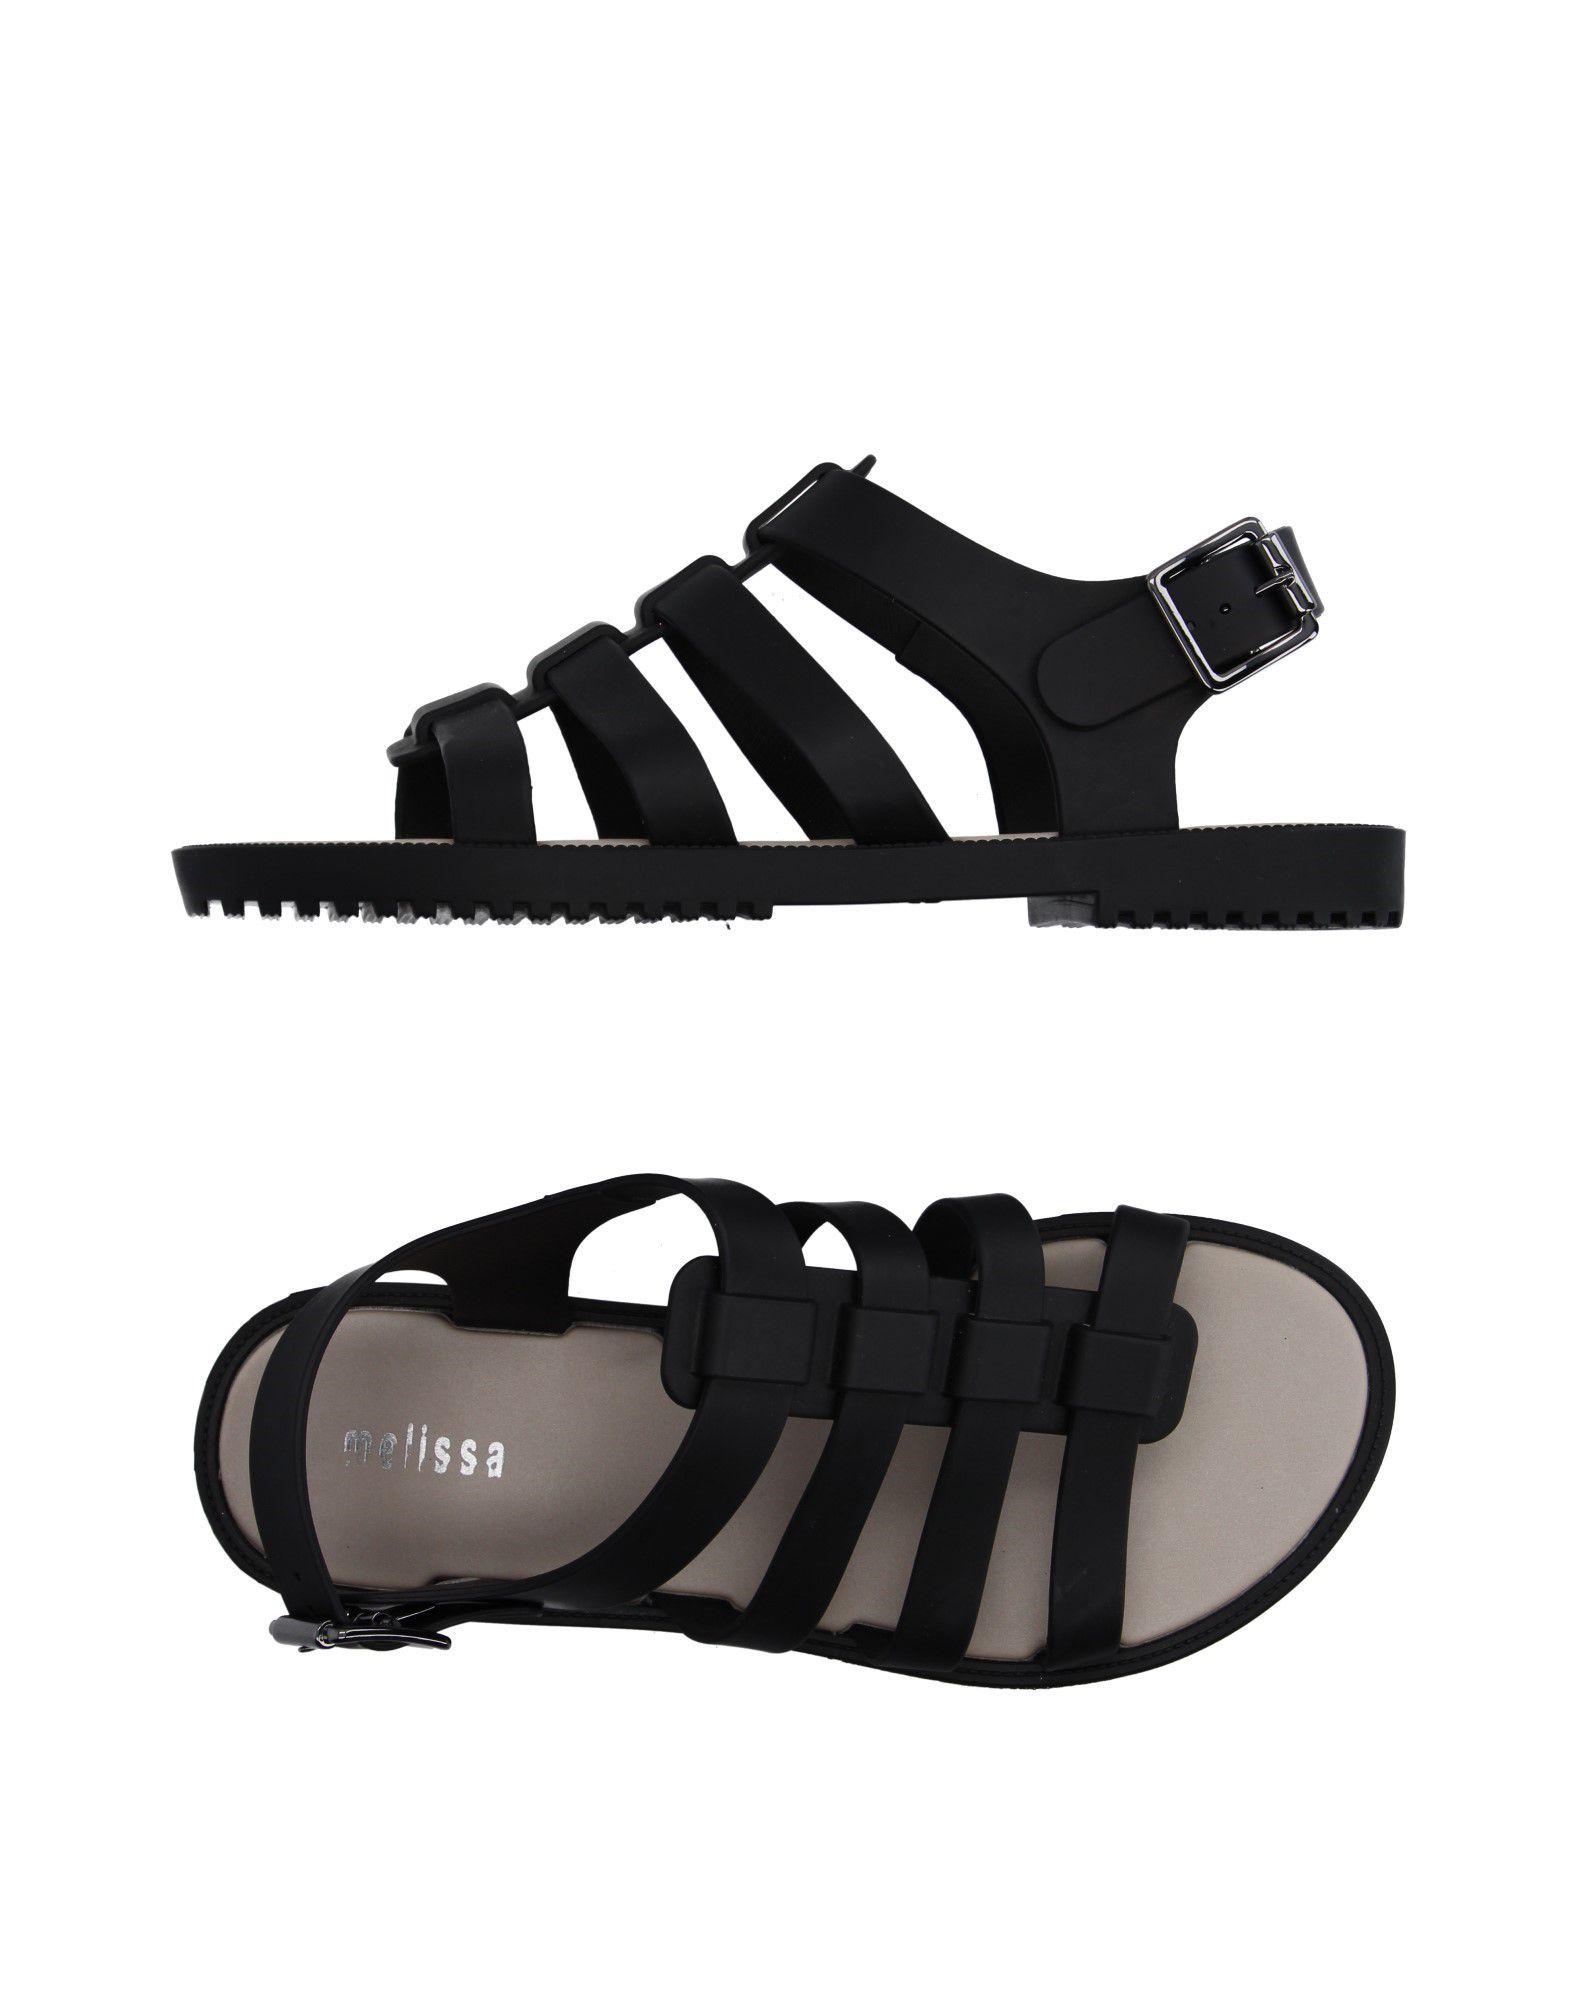 Melissa Gute Sandalen Damen  11153625BE Gute Melissa Qualität beliebte Schuhe f47de5